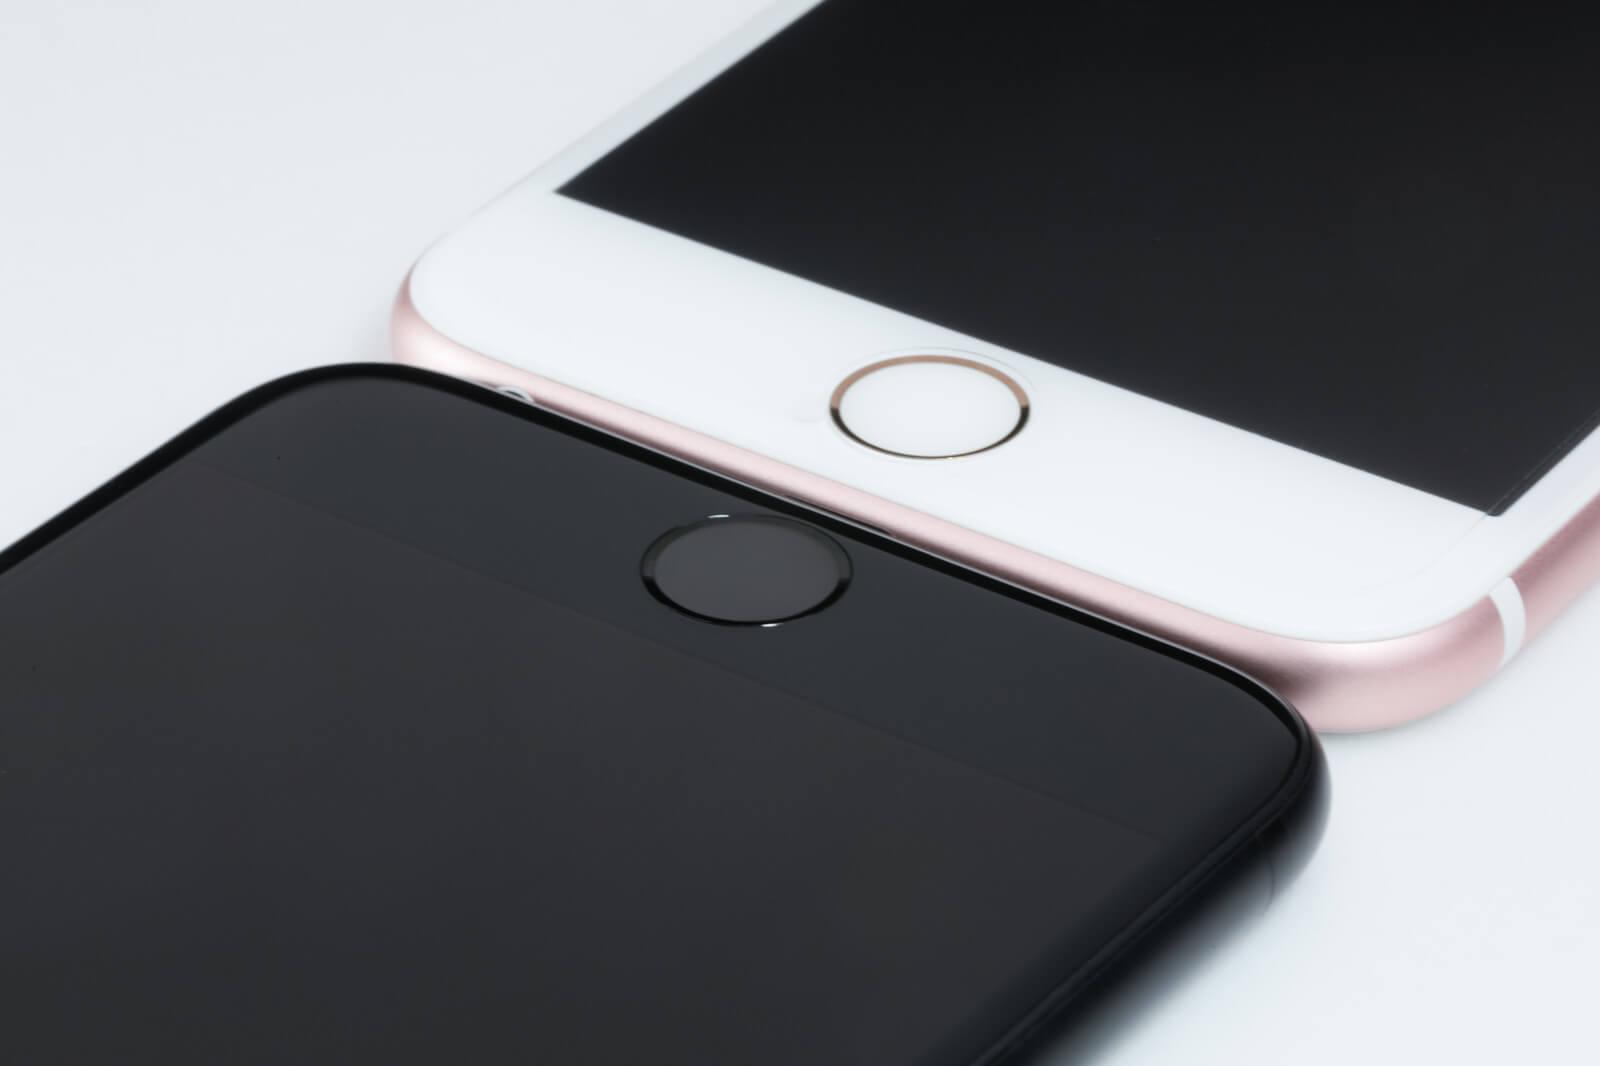 SIMロック解除(SIMフリー化)できるiPhoneとできないiPhone